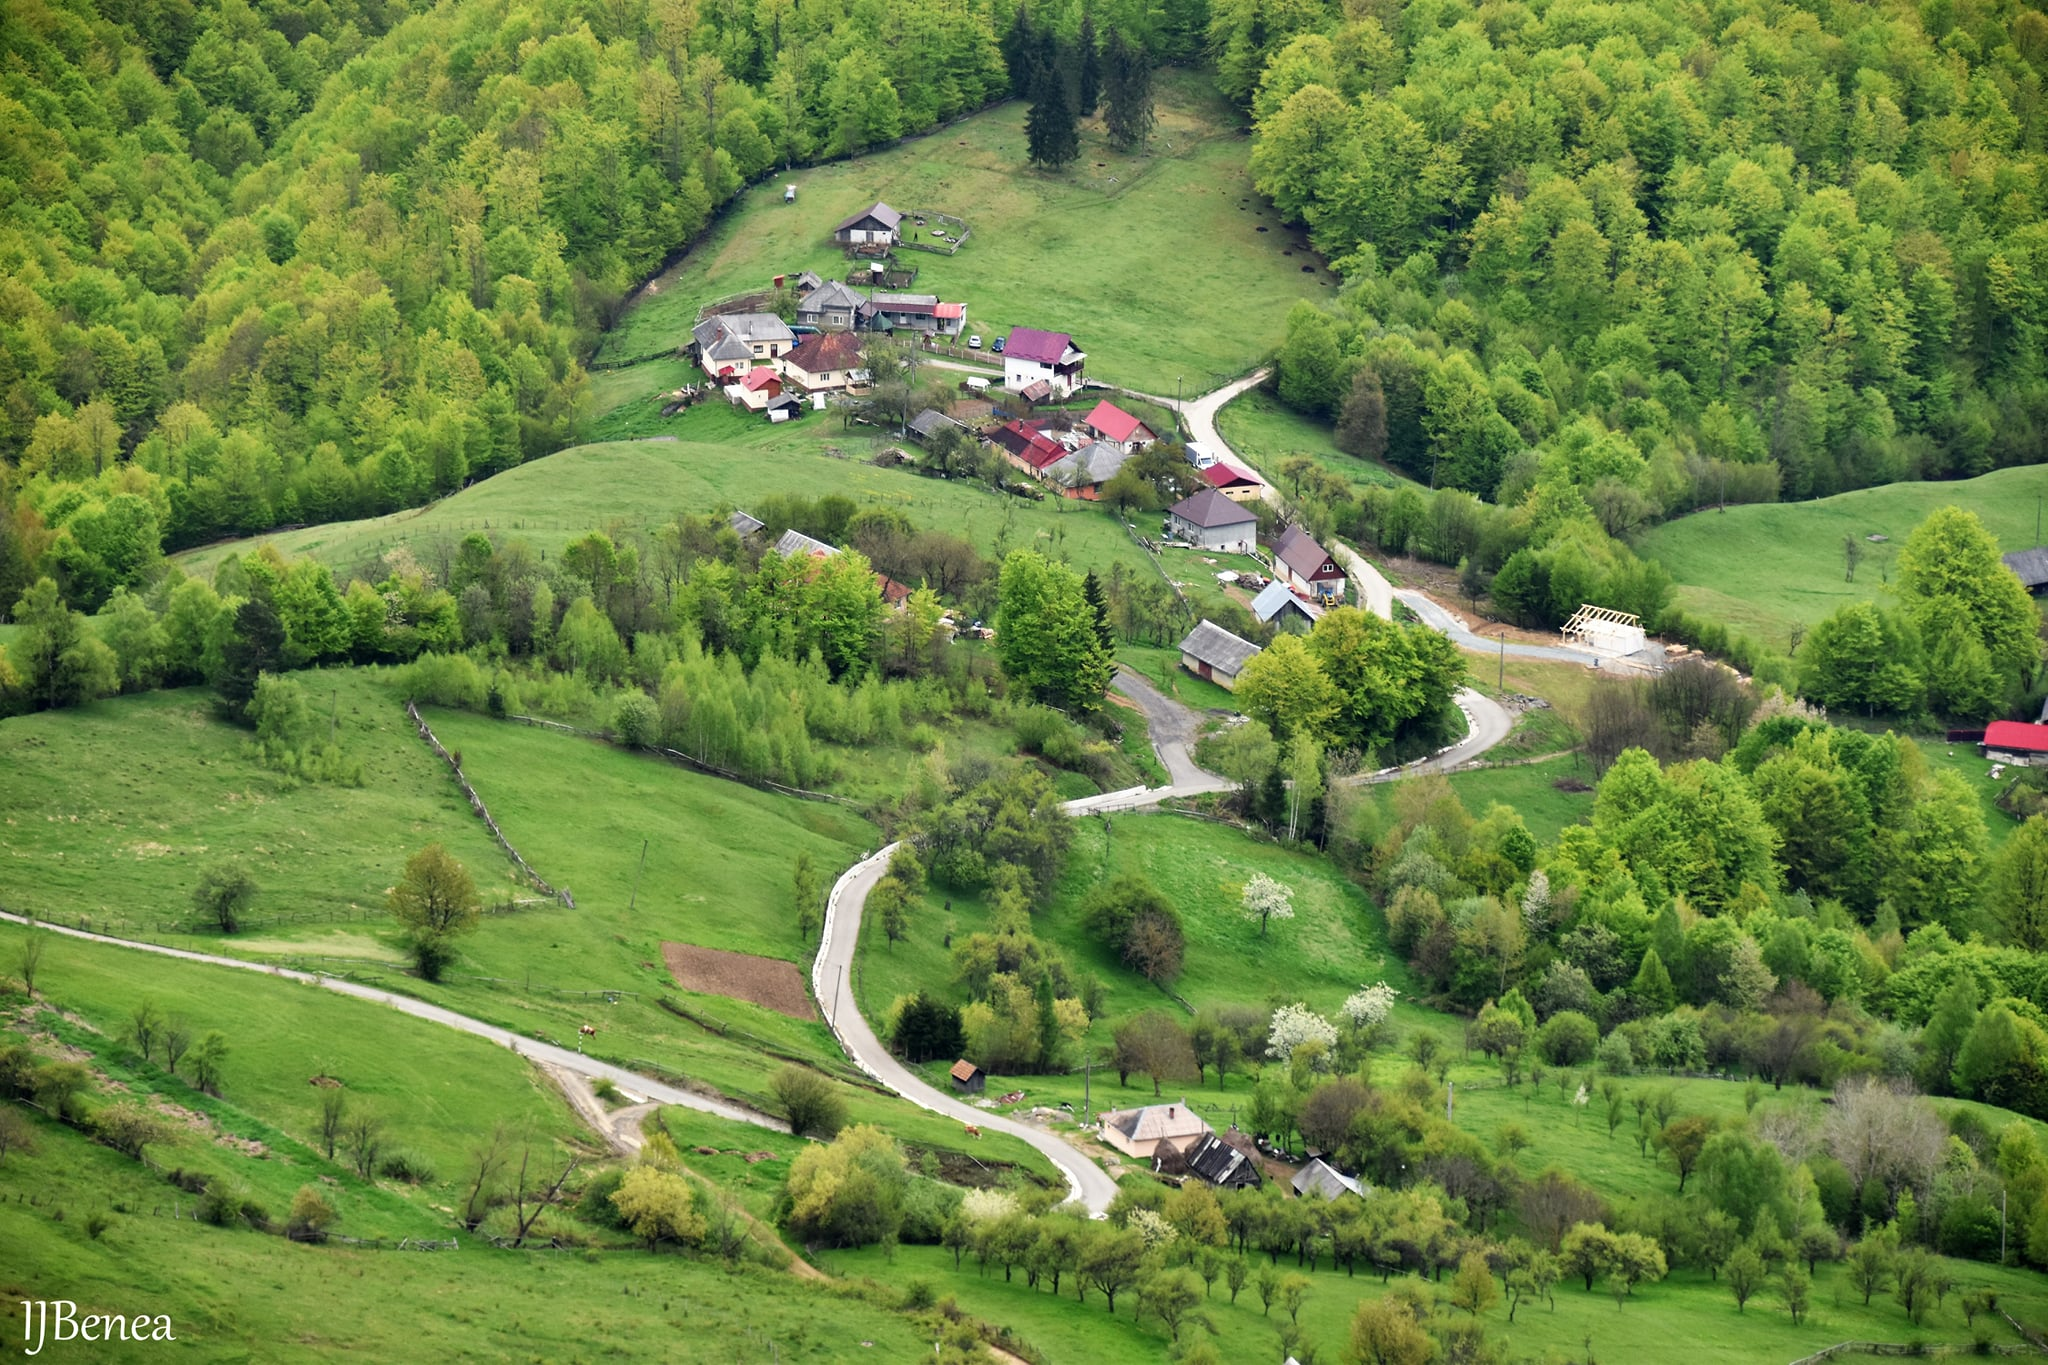 Catunul Valcan aflat la baza muntelui Vulcan - Ioan Benea Jurca